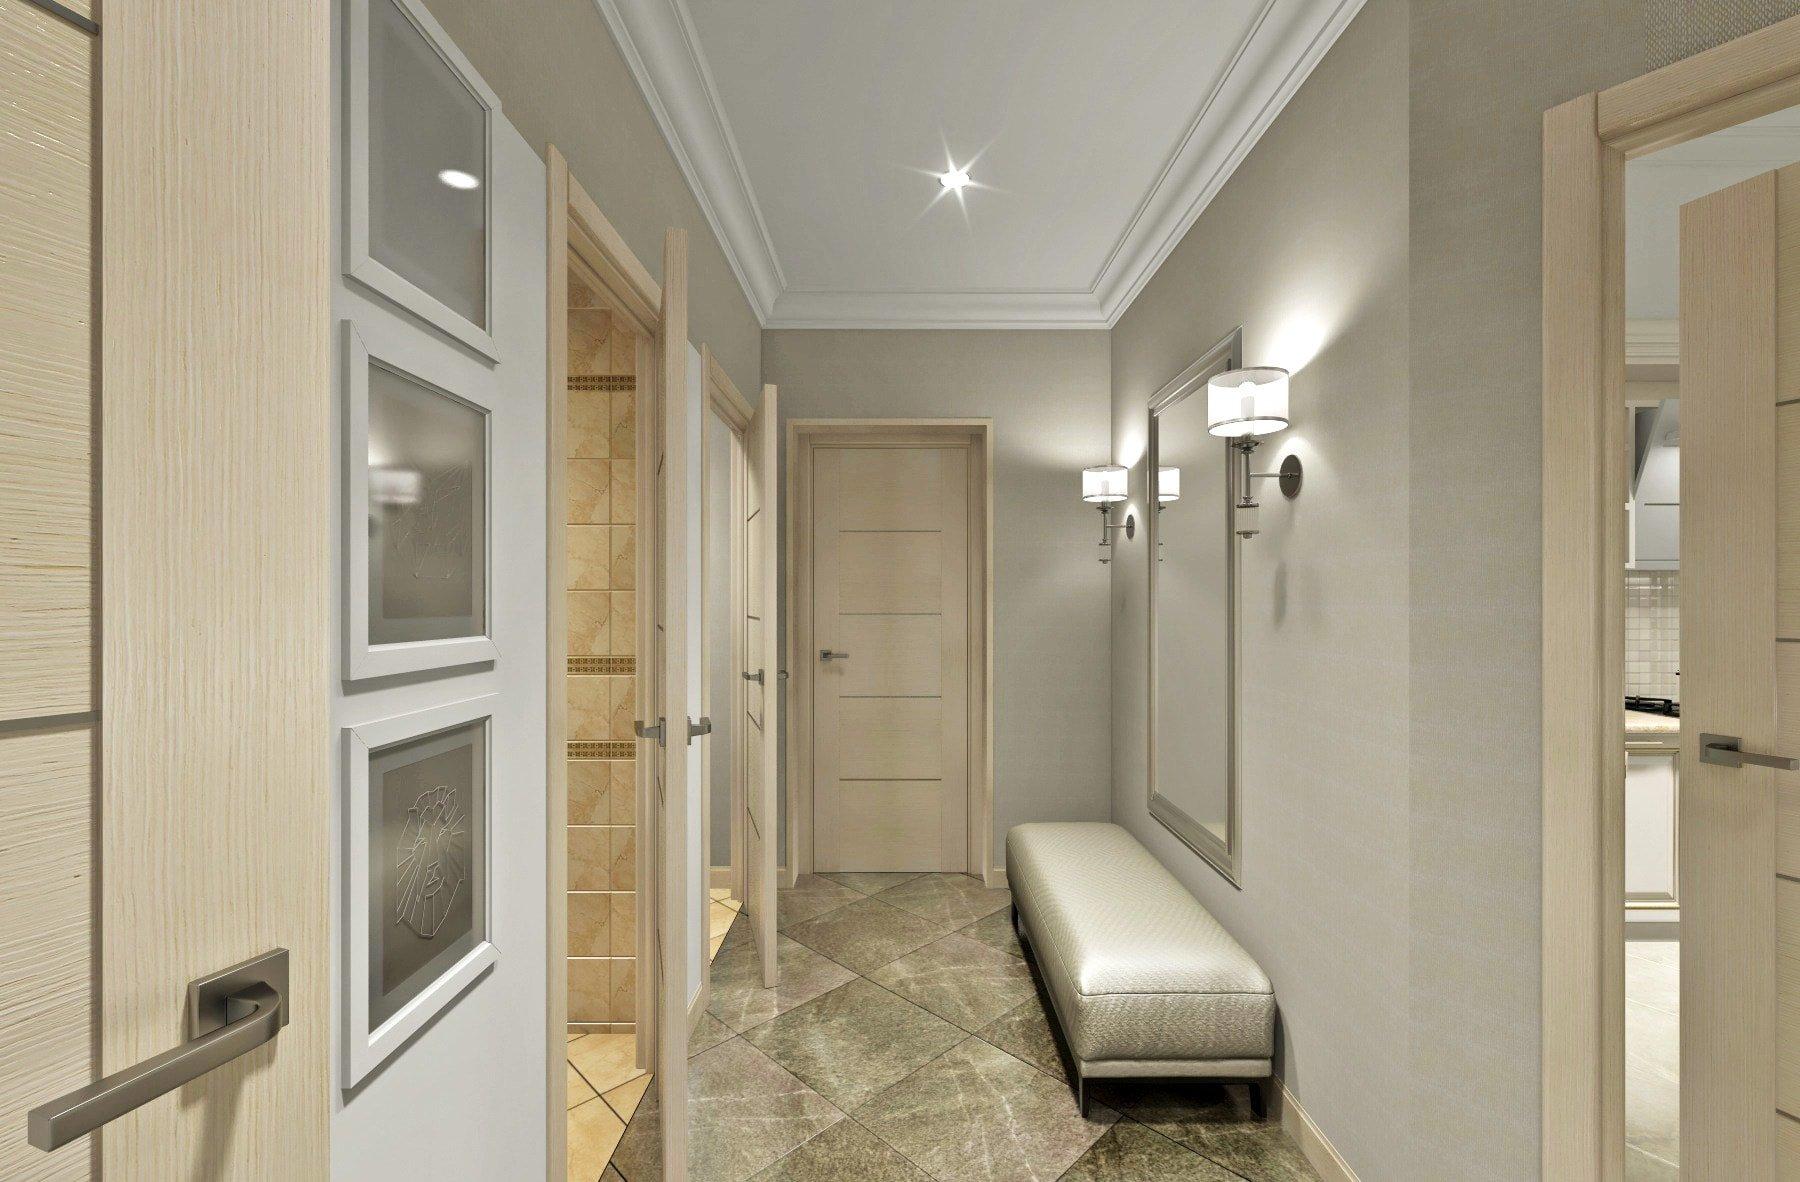 дизайнерская студия гомель, дизайн коридора 3